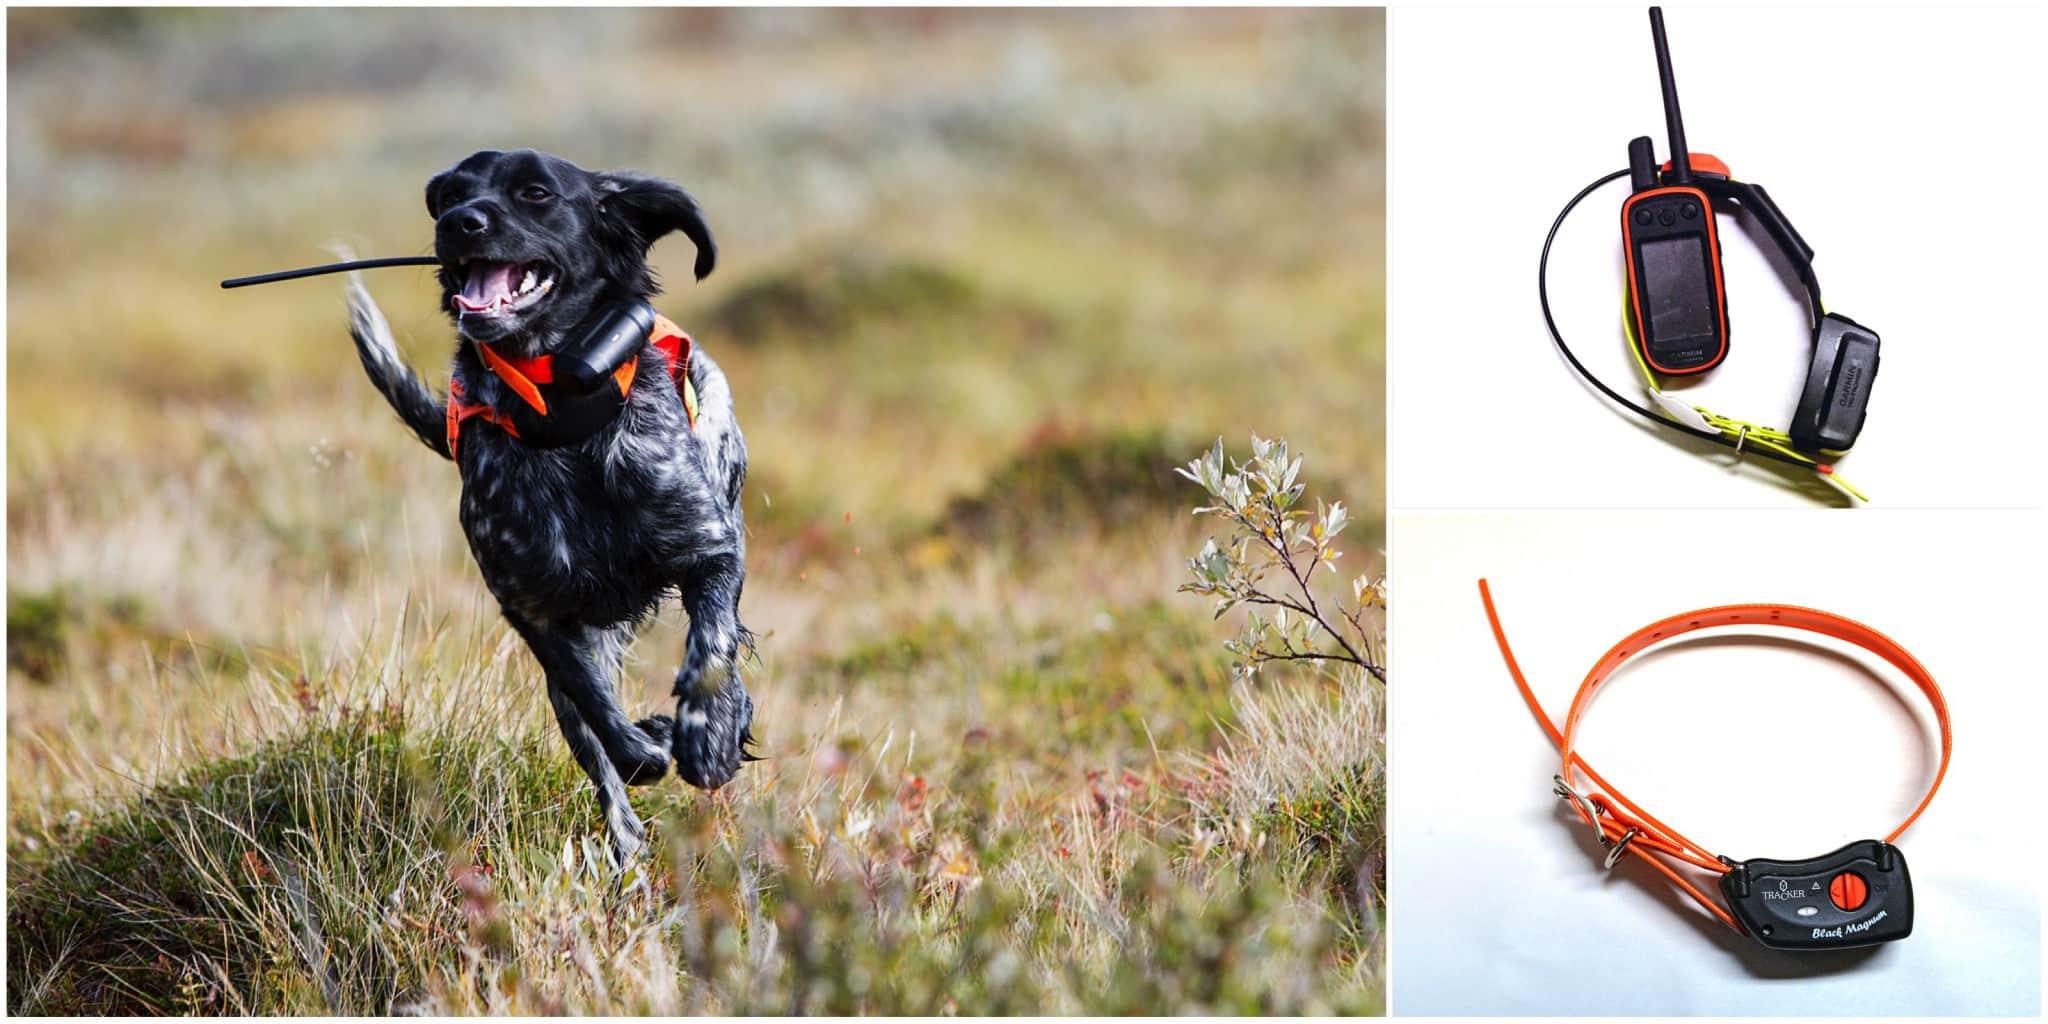 Svensk Jakt går igenom för- och nackdelar med de båda hundpejlsystemen. Foto: Olle Olsson & Lars-Henrik Andersson